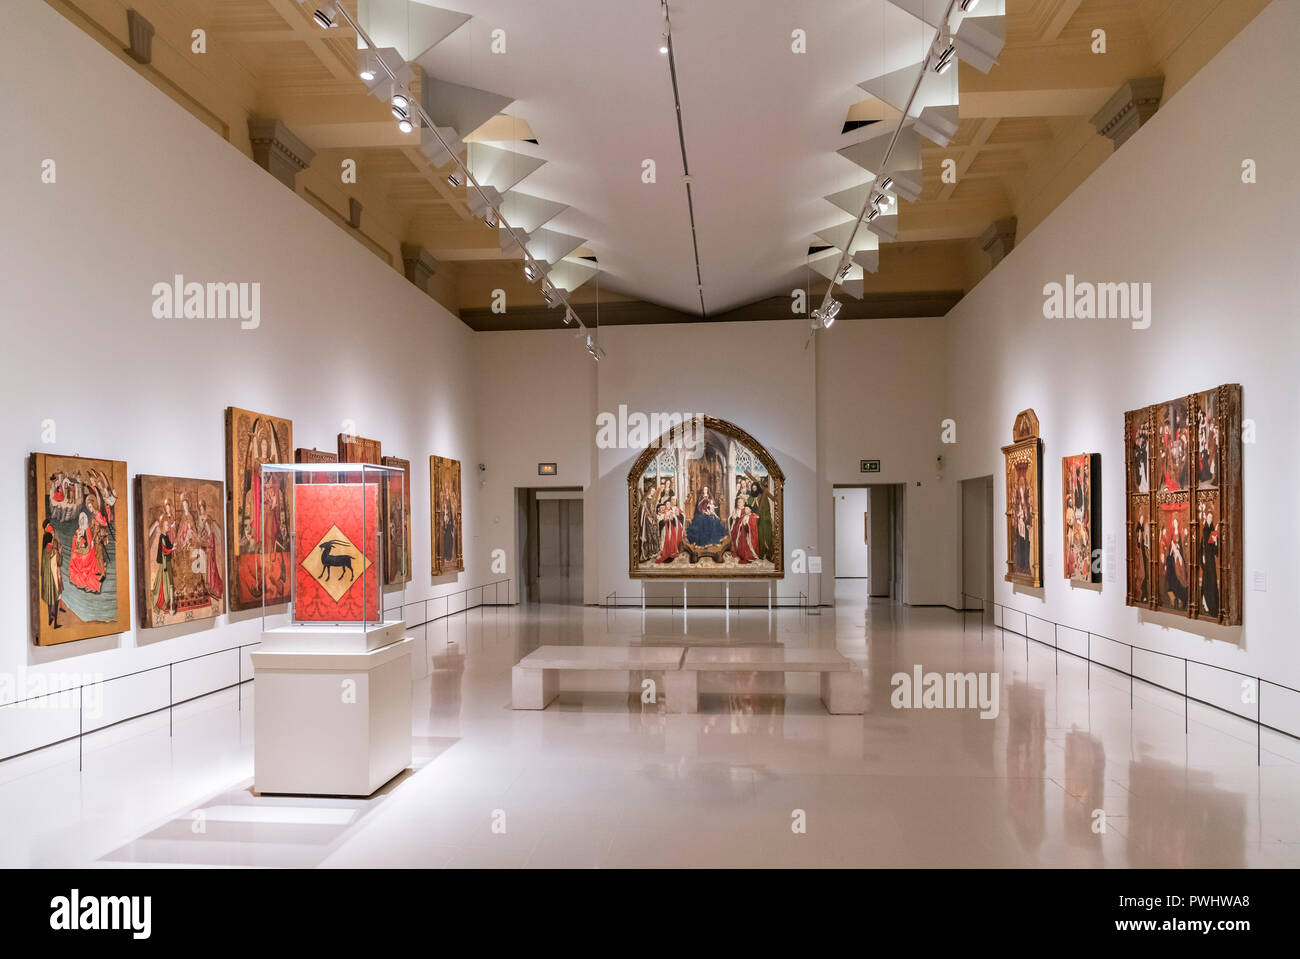 Il Museo Nazionale d'Arte della Catalogna - Museu Nacional d'Art de Catalunya (MNAC) - Parc de Montjuïc, Barcelona, Spagna. Immagini Stock